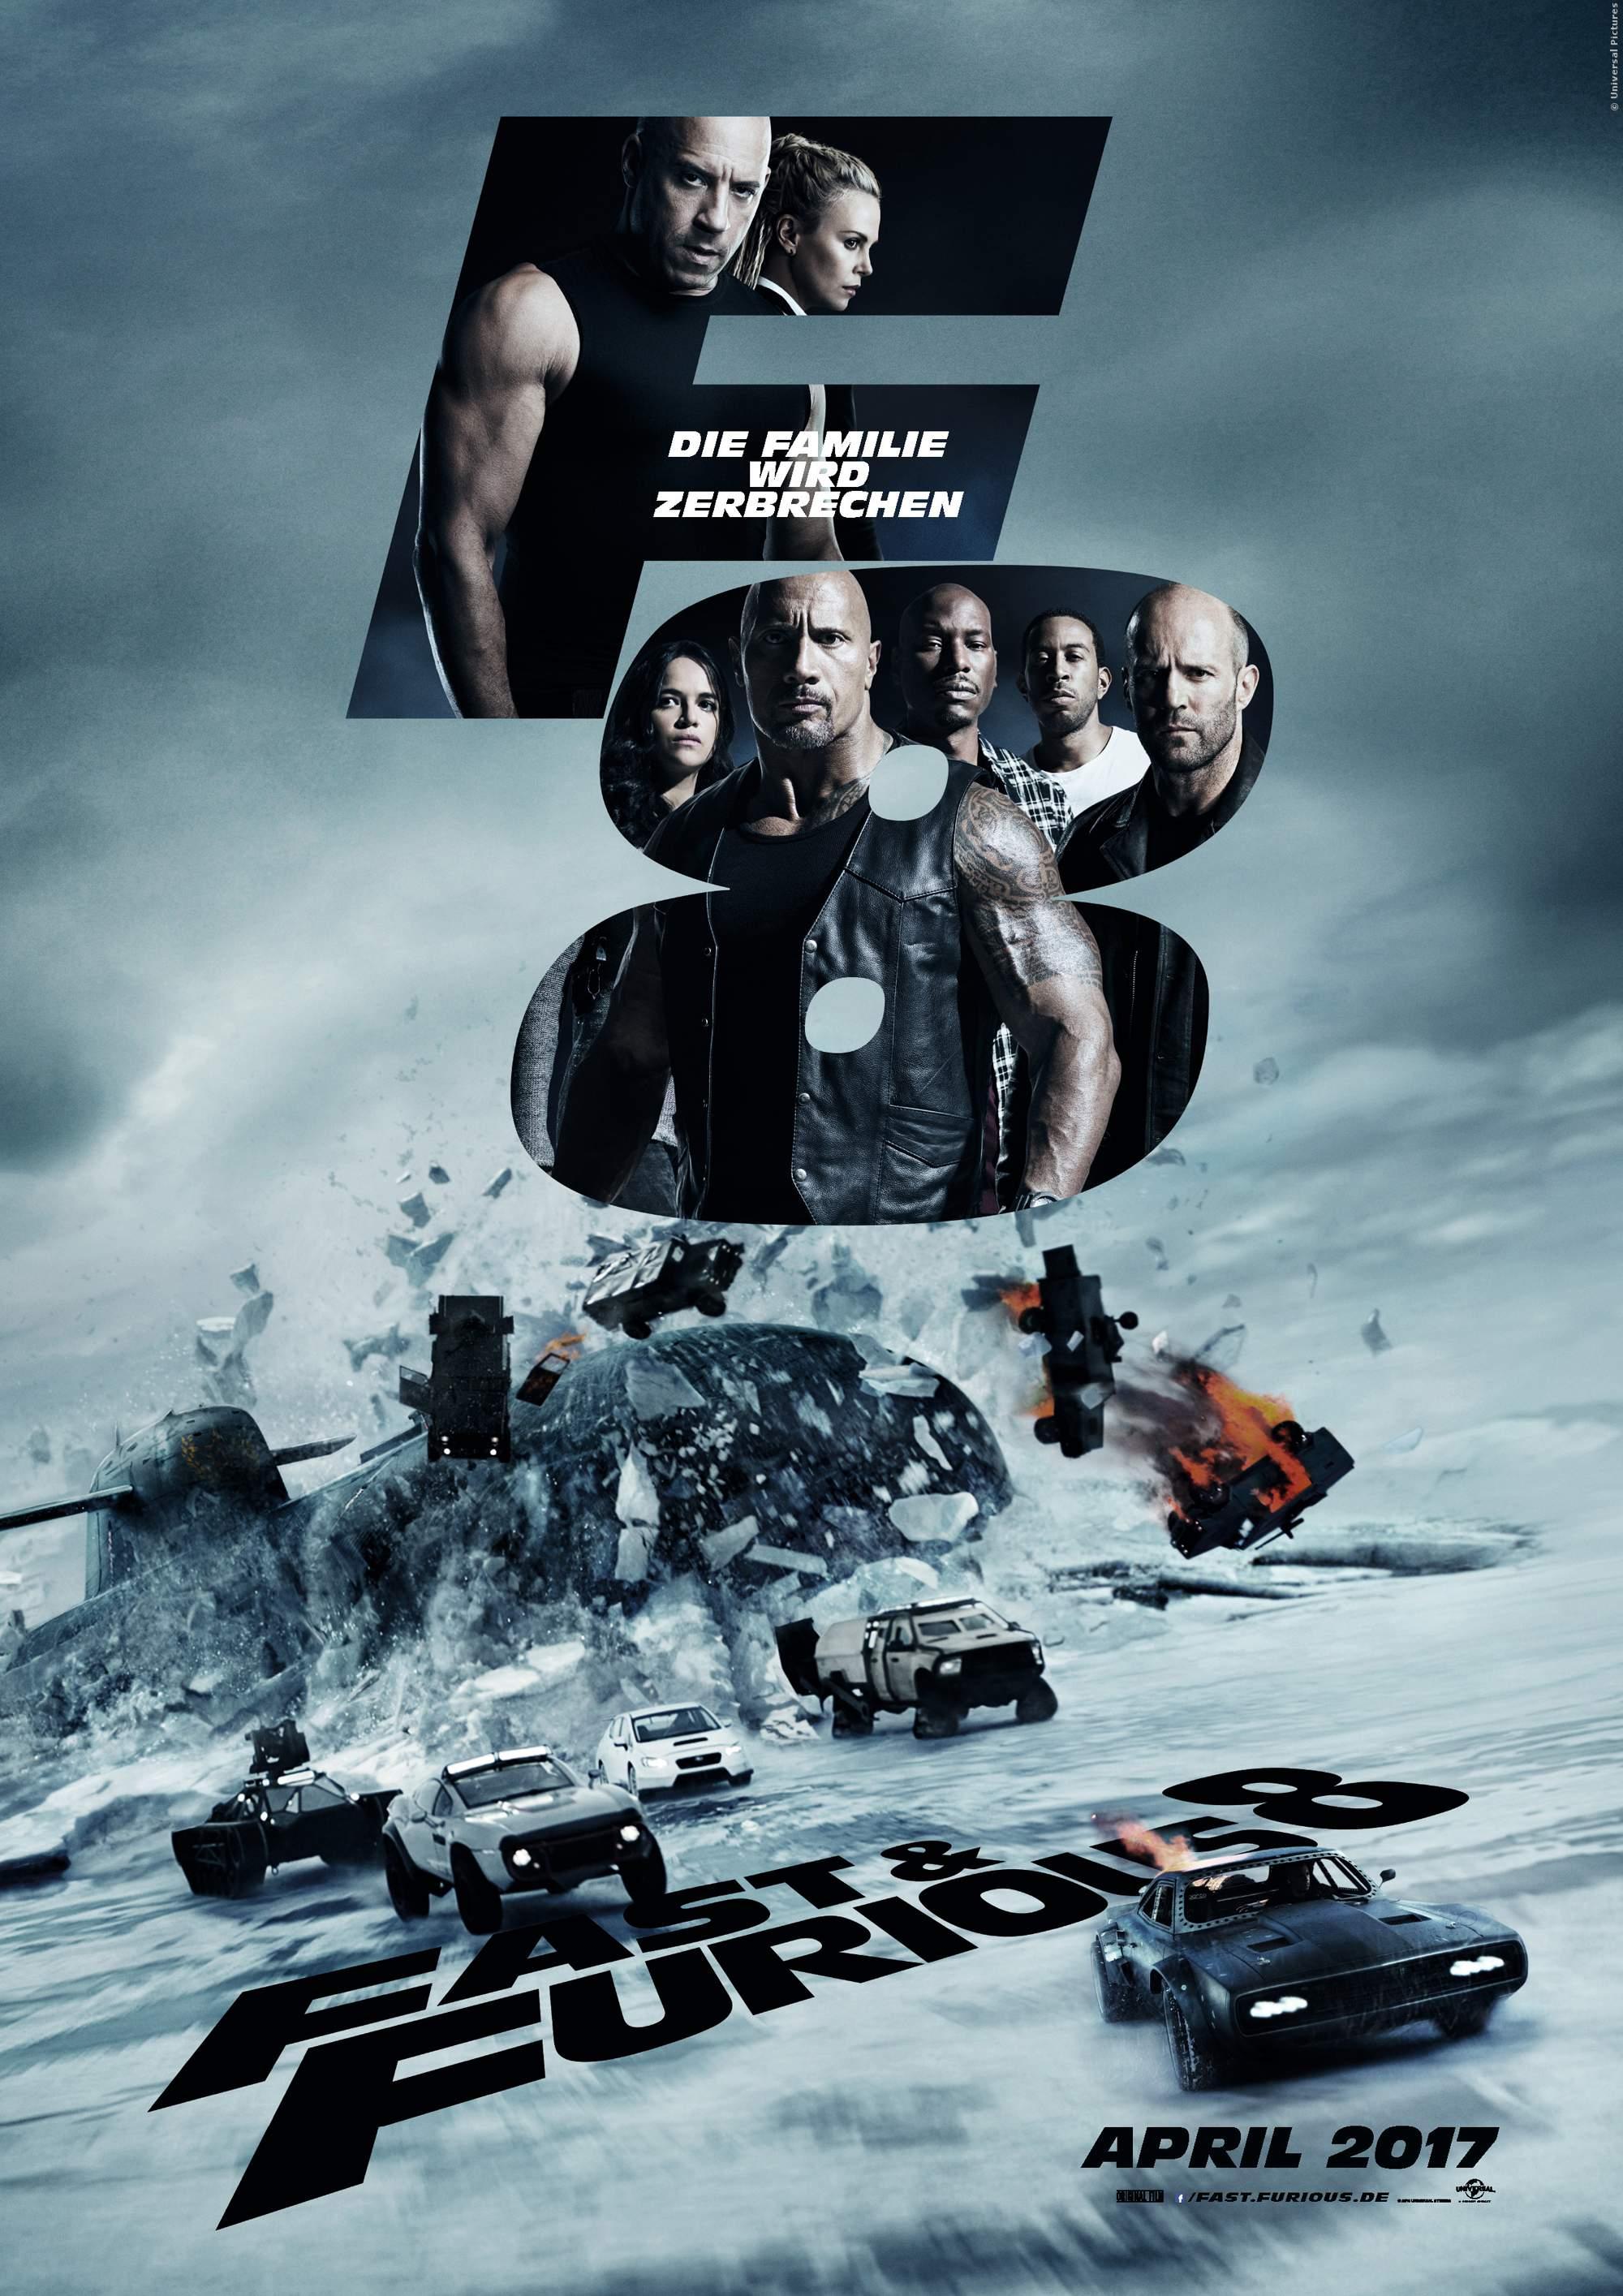 Fast And Furious 8: Neuer deutscher Trailer - Bild 1 von 1